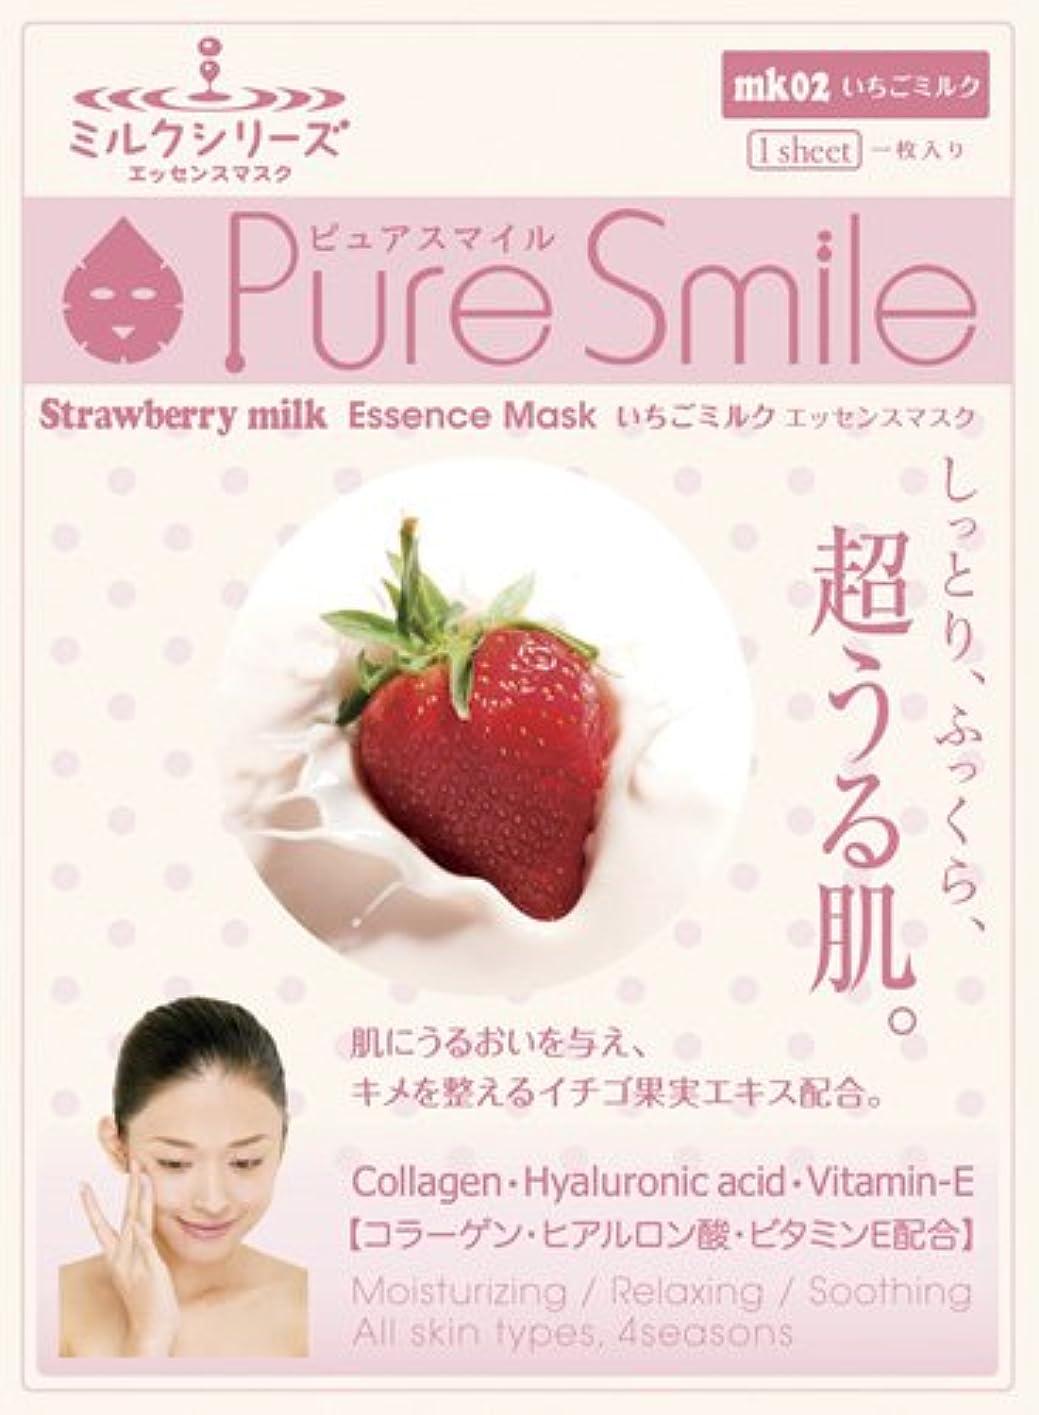 ハッピーブラウズ答えPure Smile シートマスク 30枚セット イチゴミルク